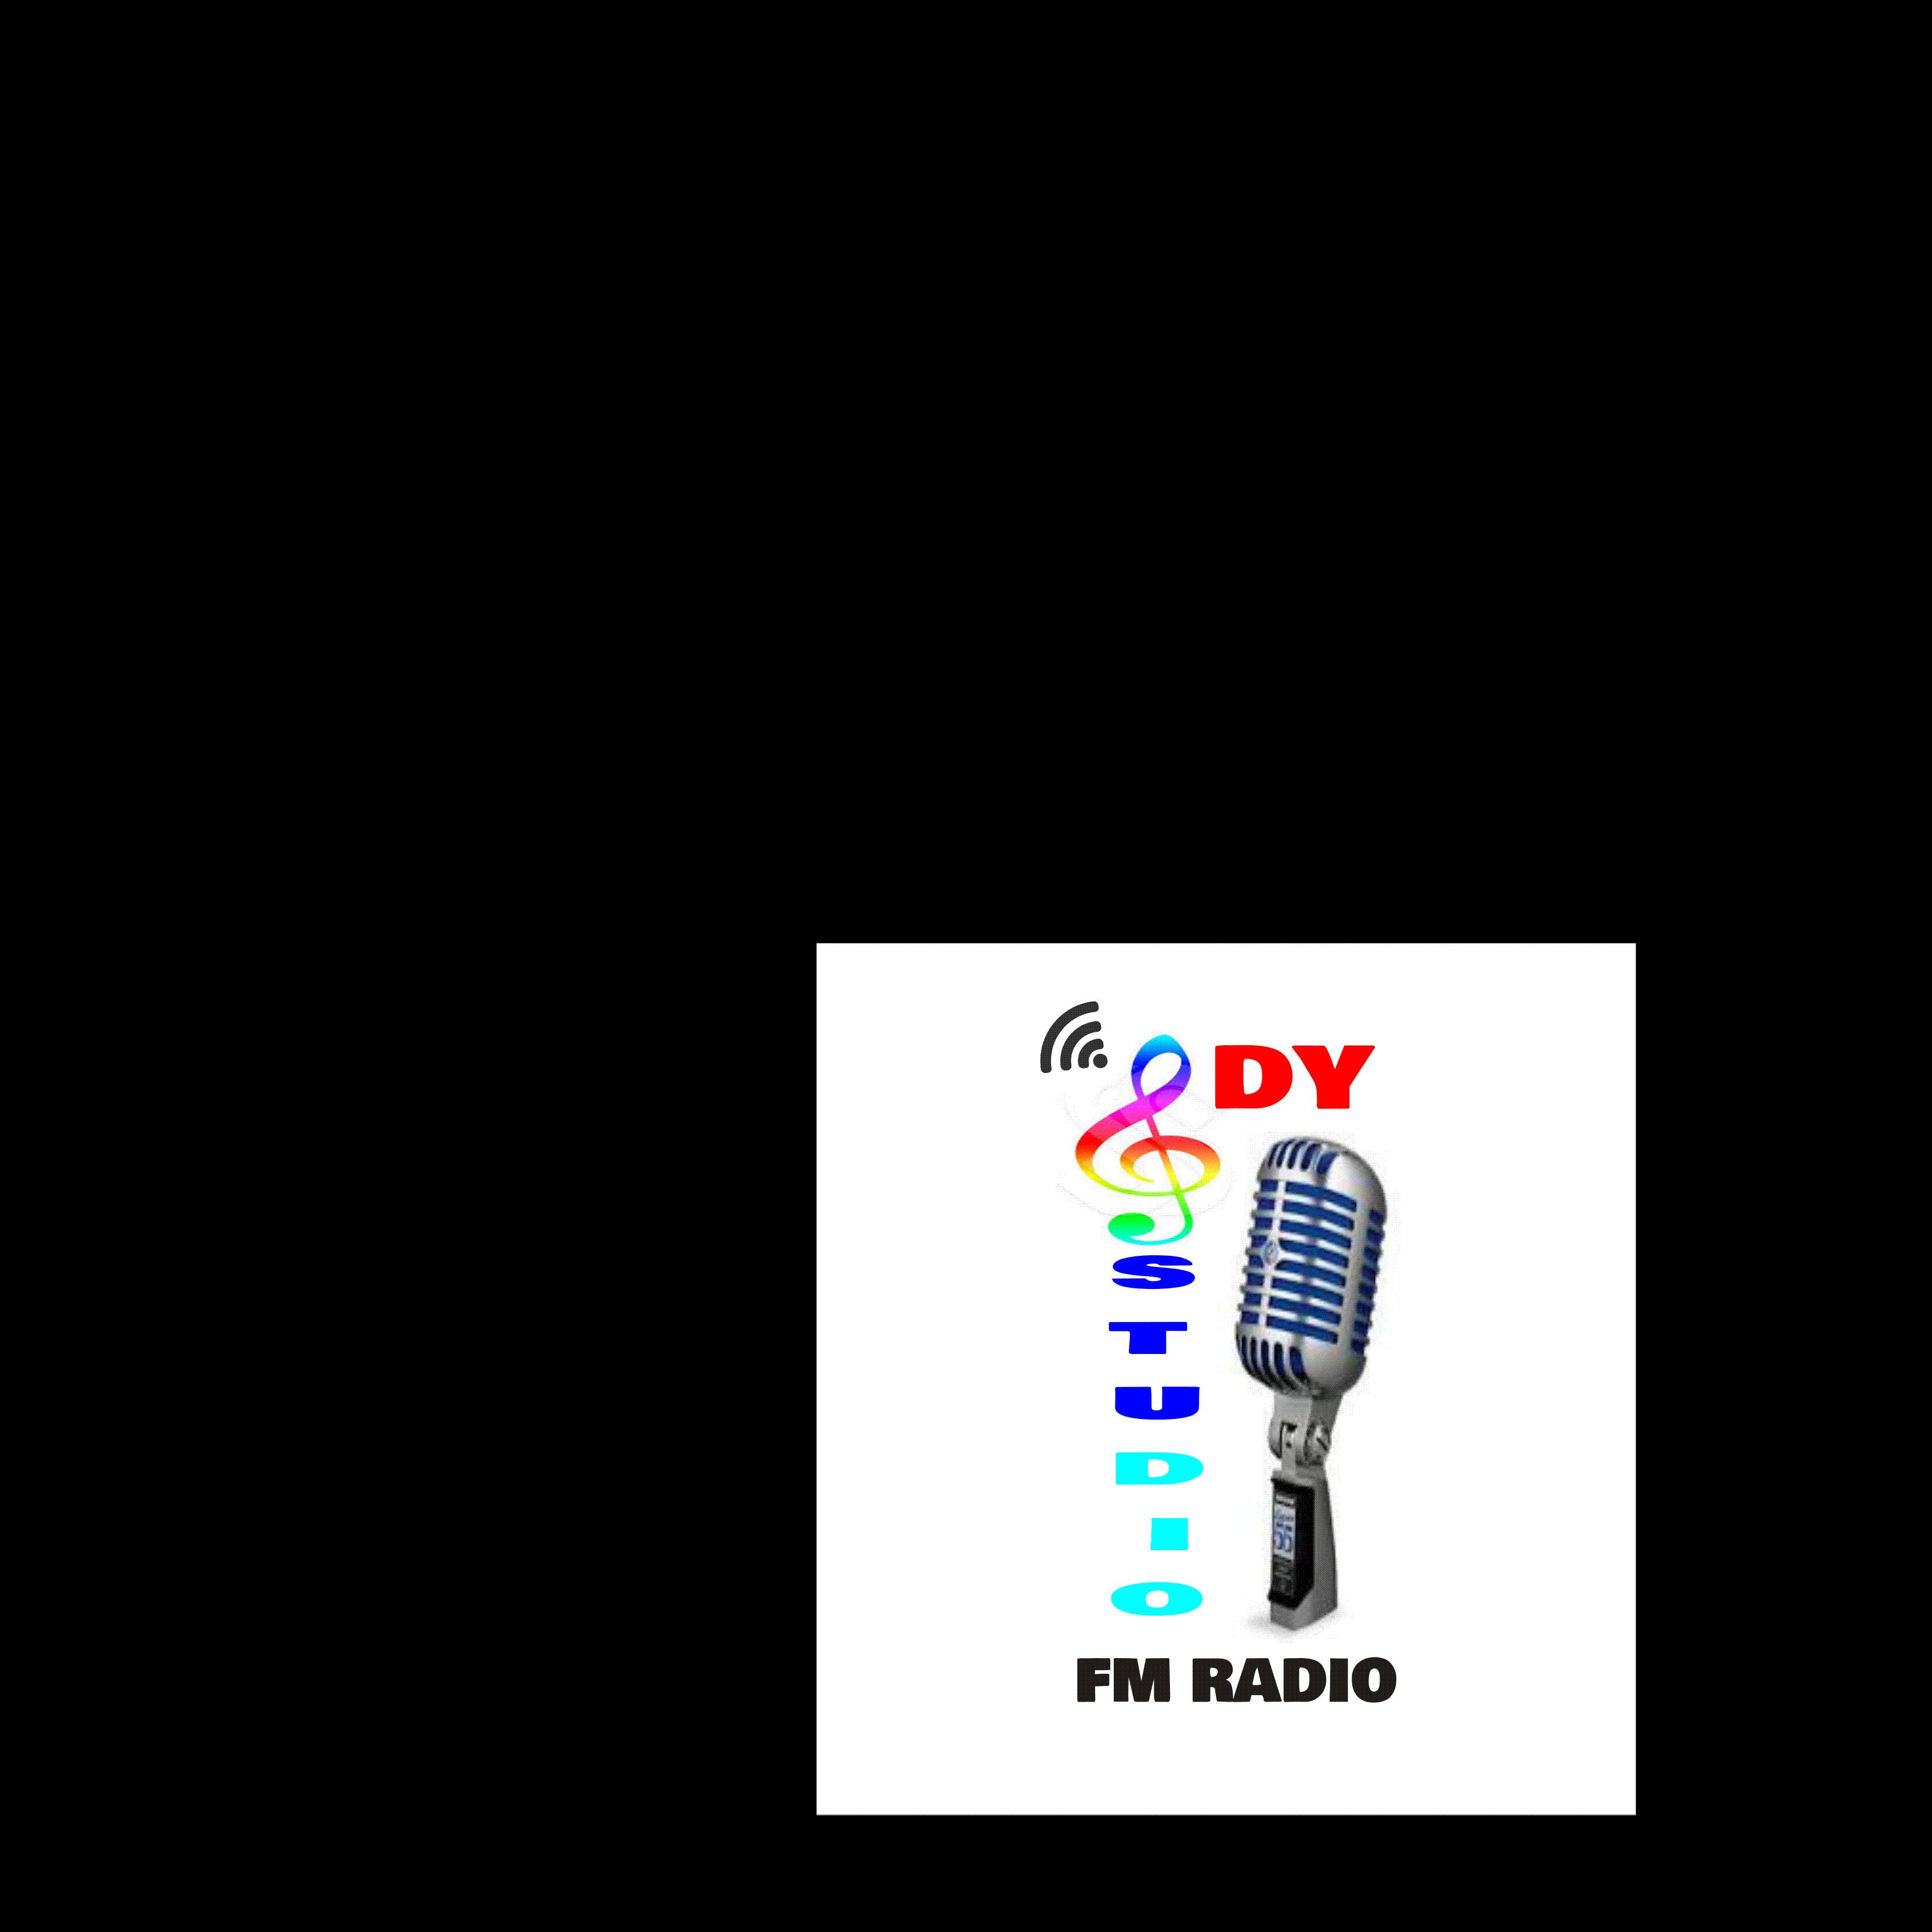 dy studio radio